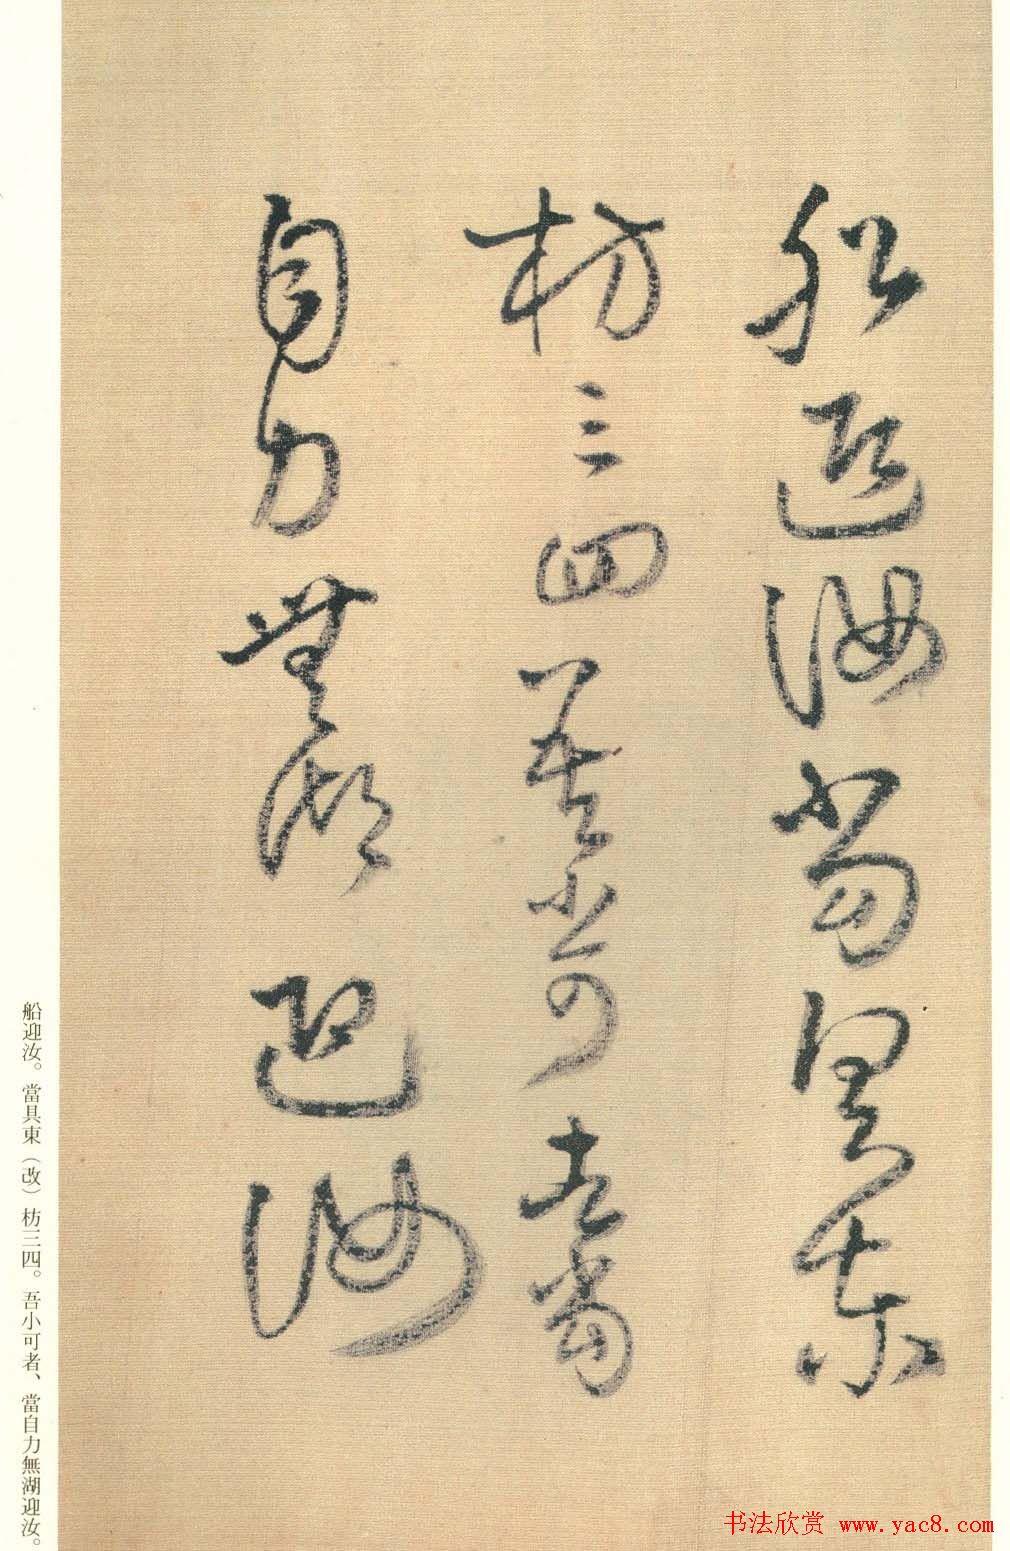 王铎书法《琼蕊庐帖》日本彩印本